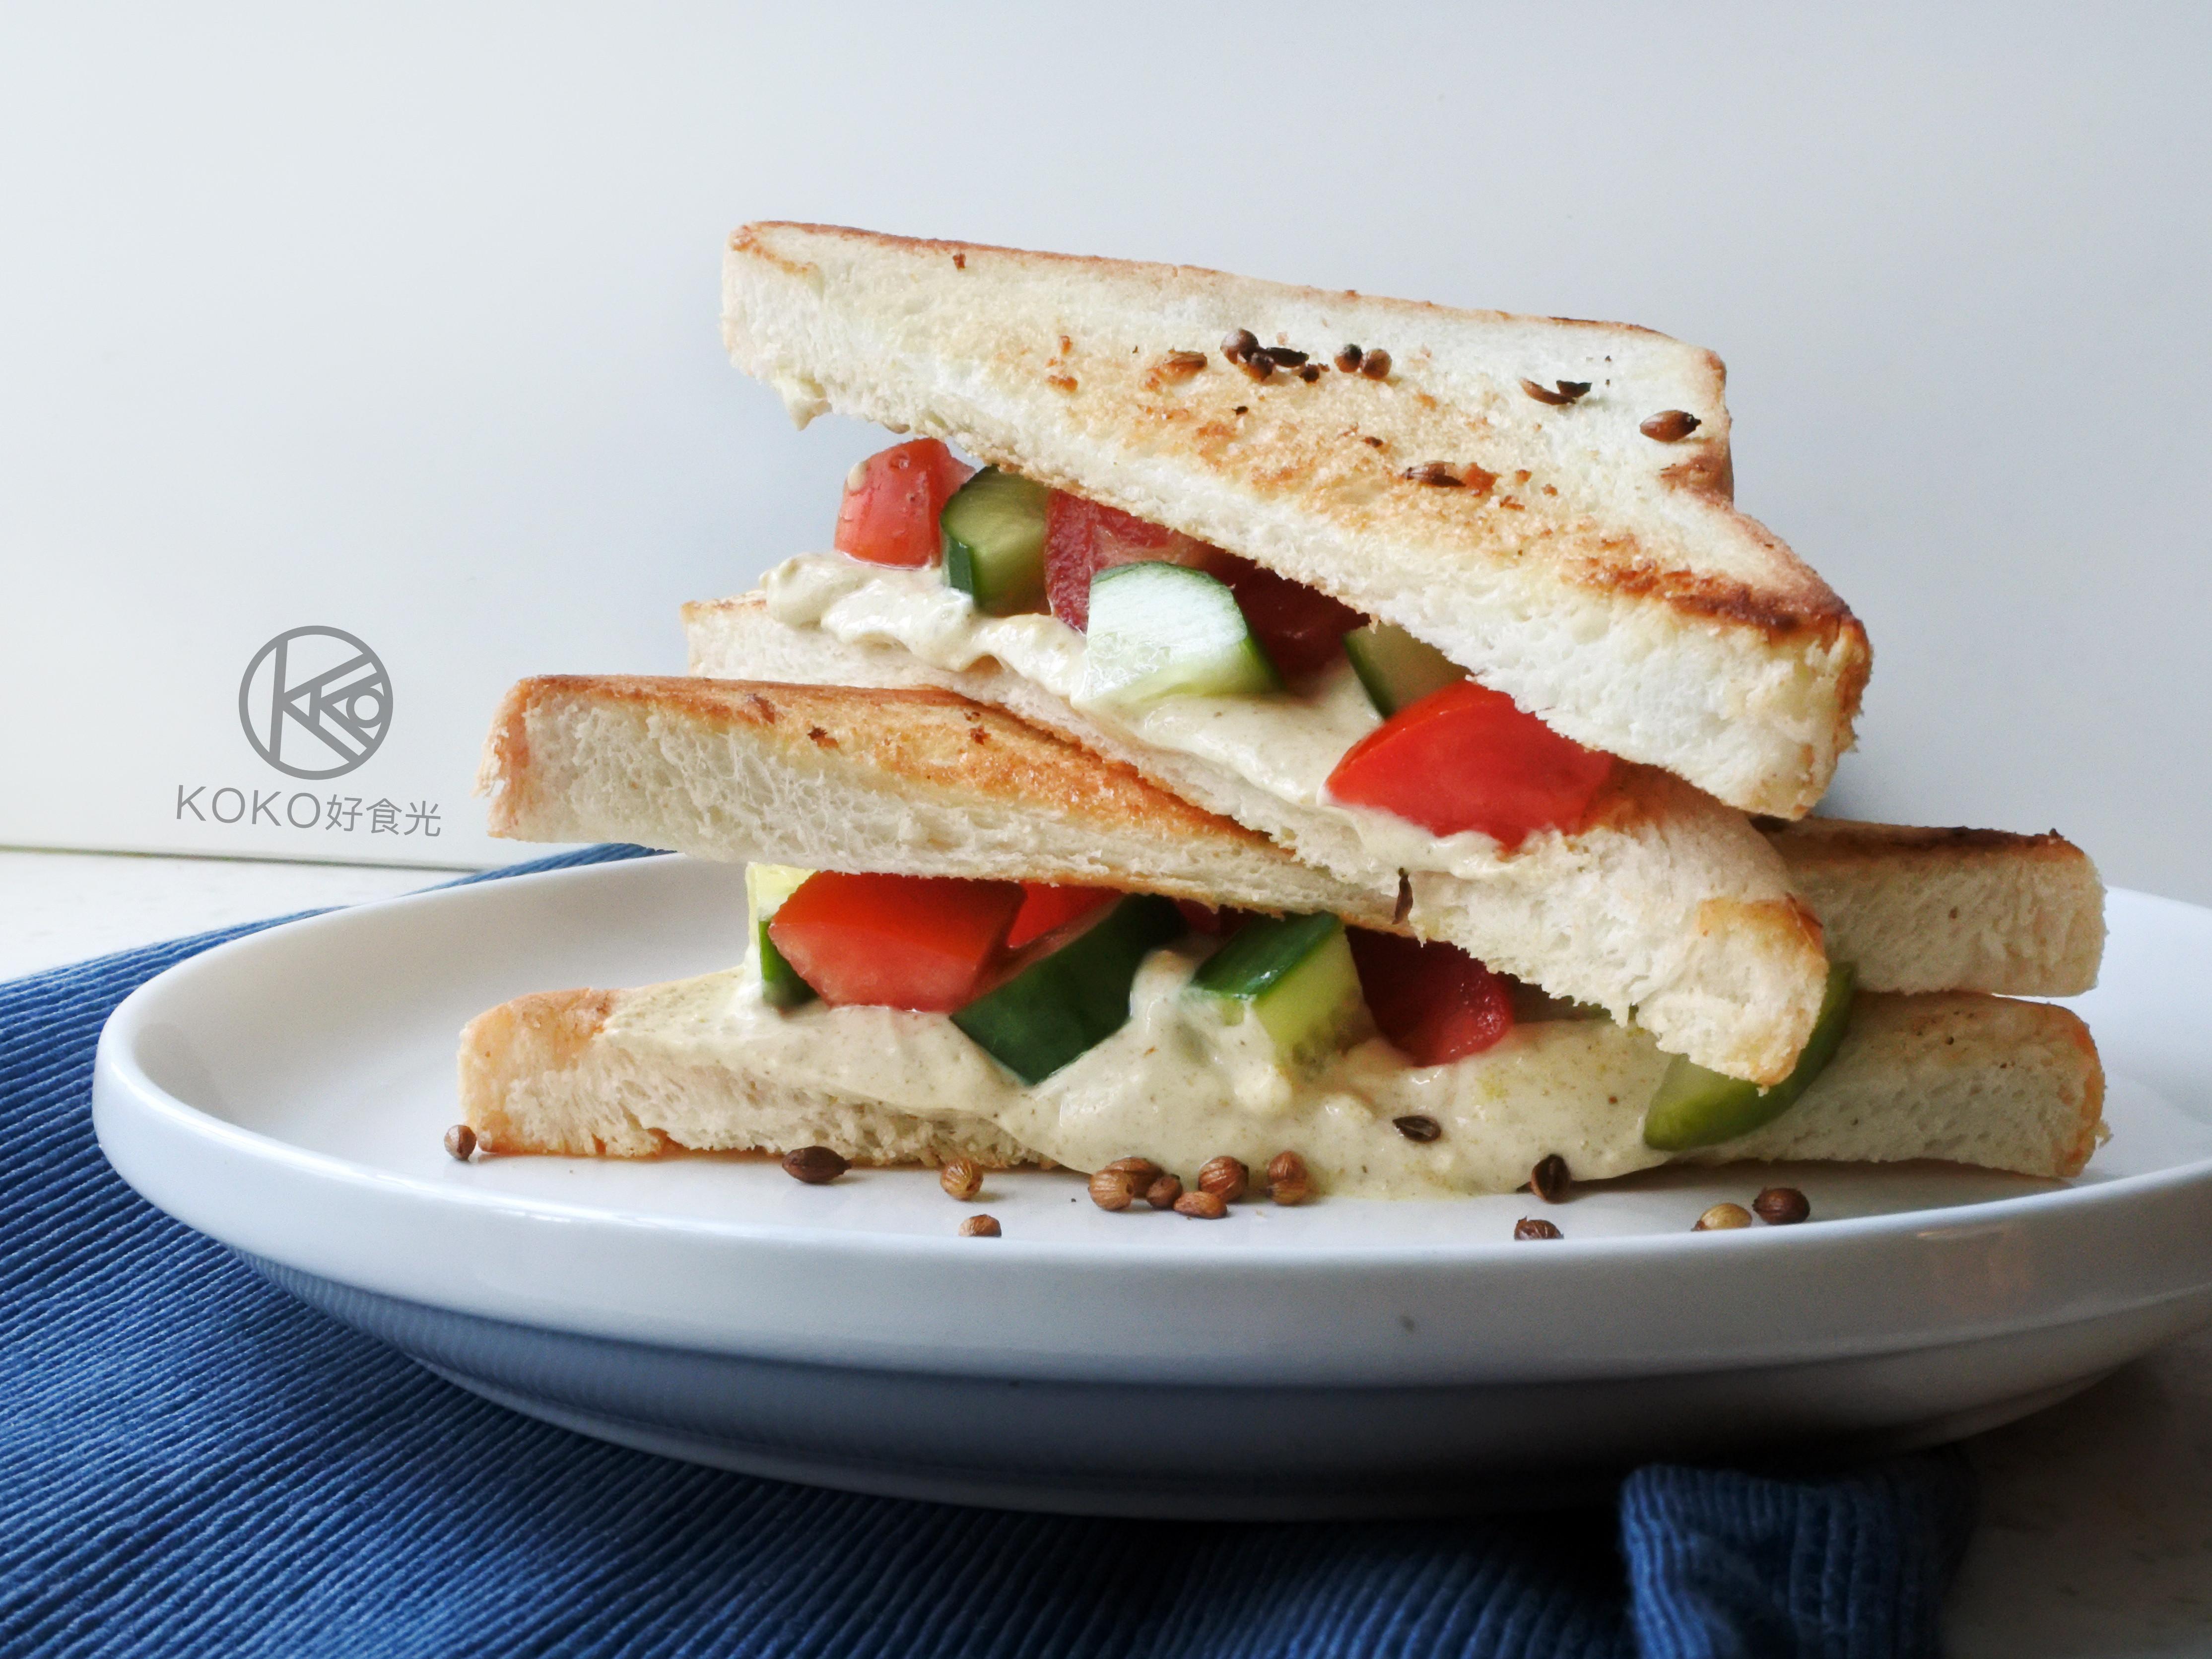 五分鐘咖哩優格鮮蔬三明治早餐